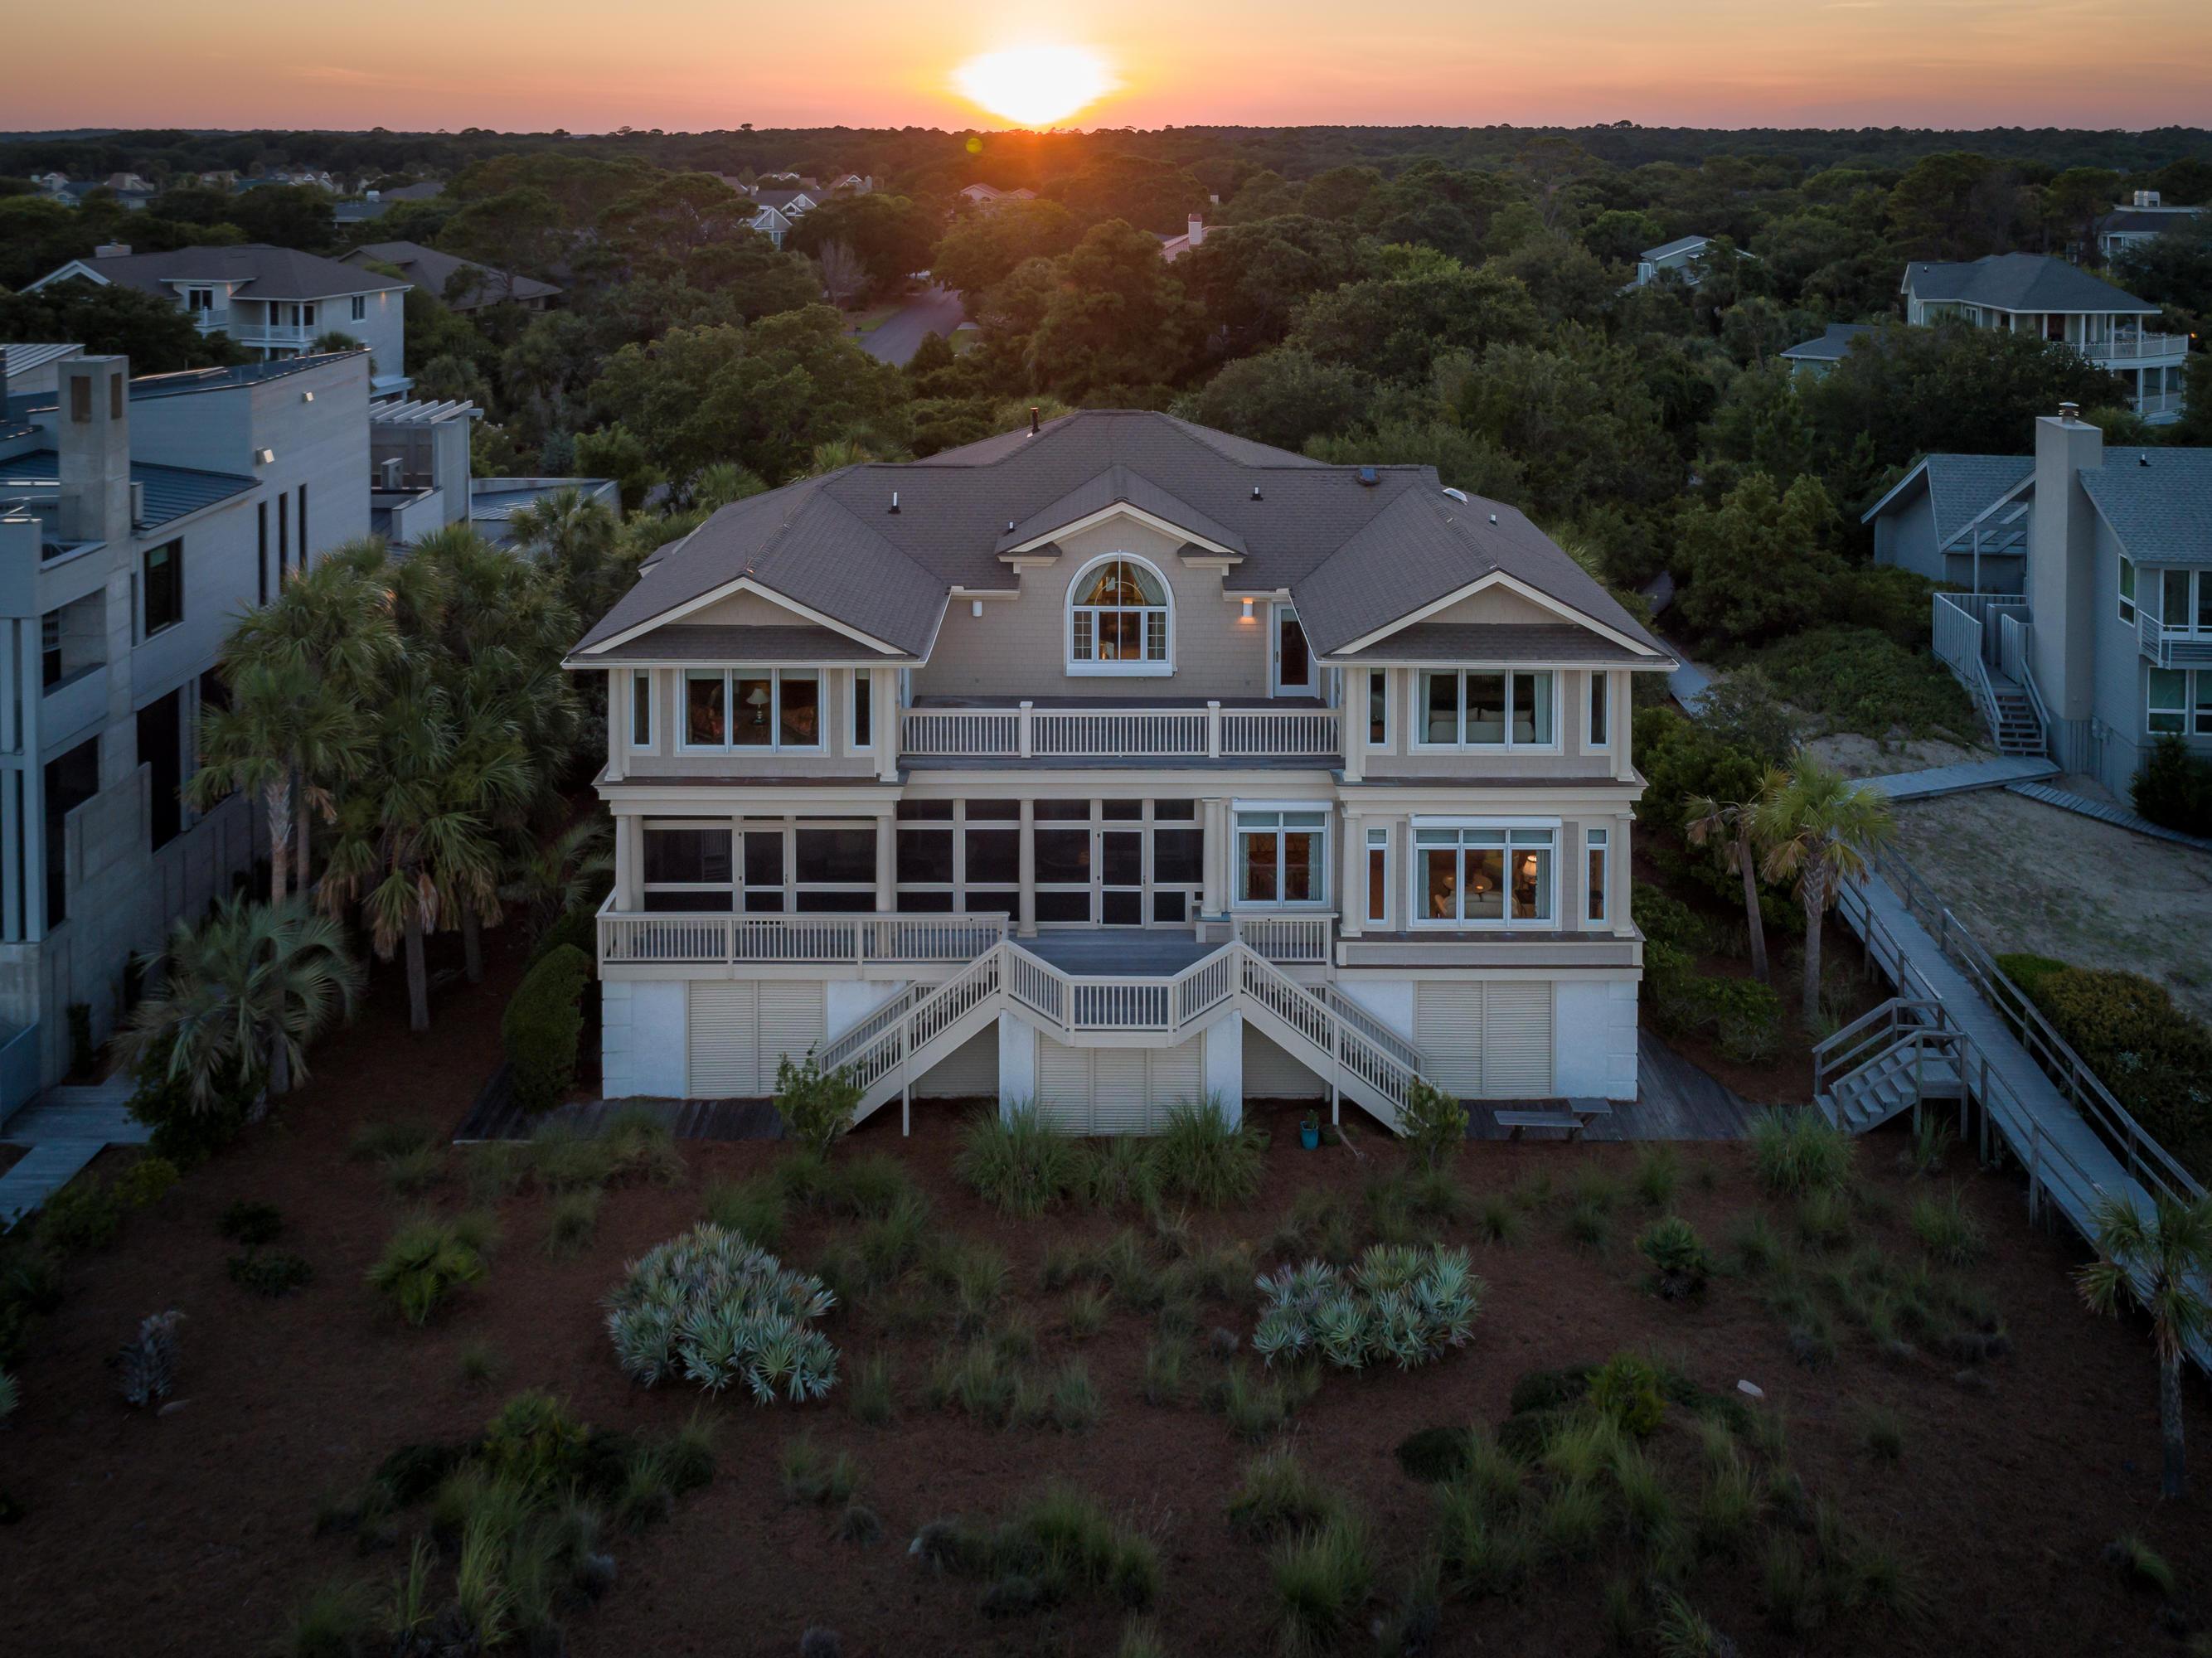 Seabrook Island Homes For Sale - 3640 Pompano, Seabrook Island, SC - 31